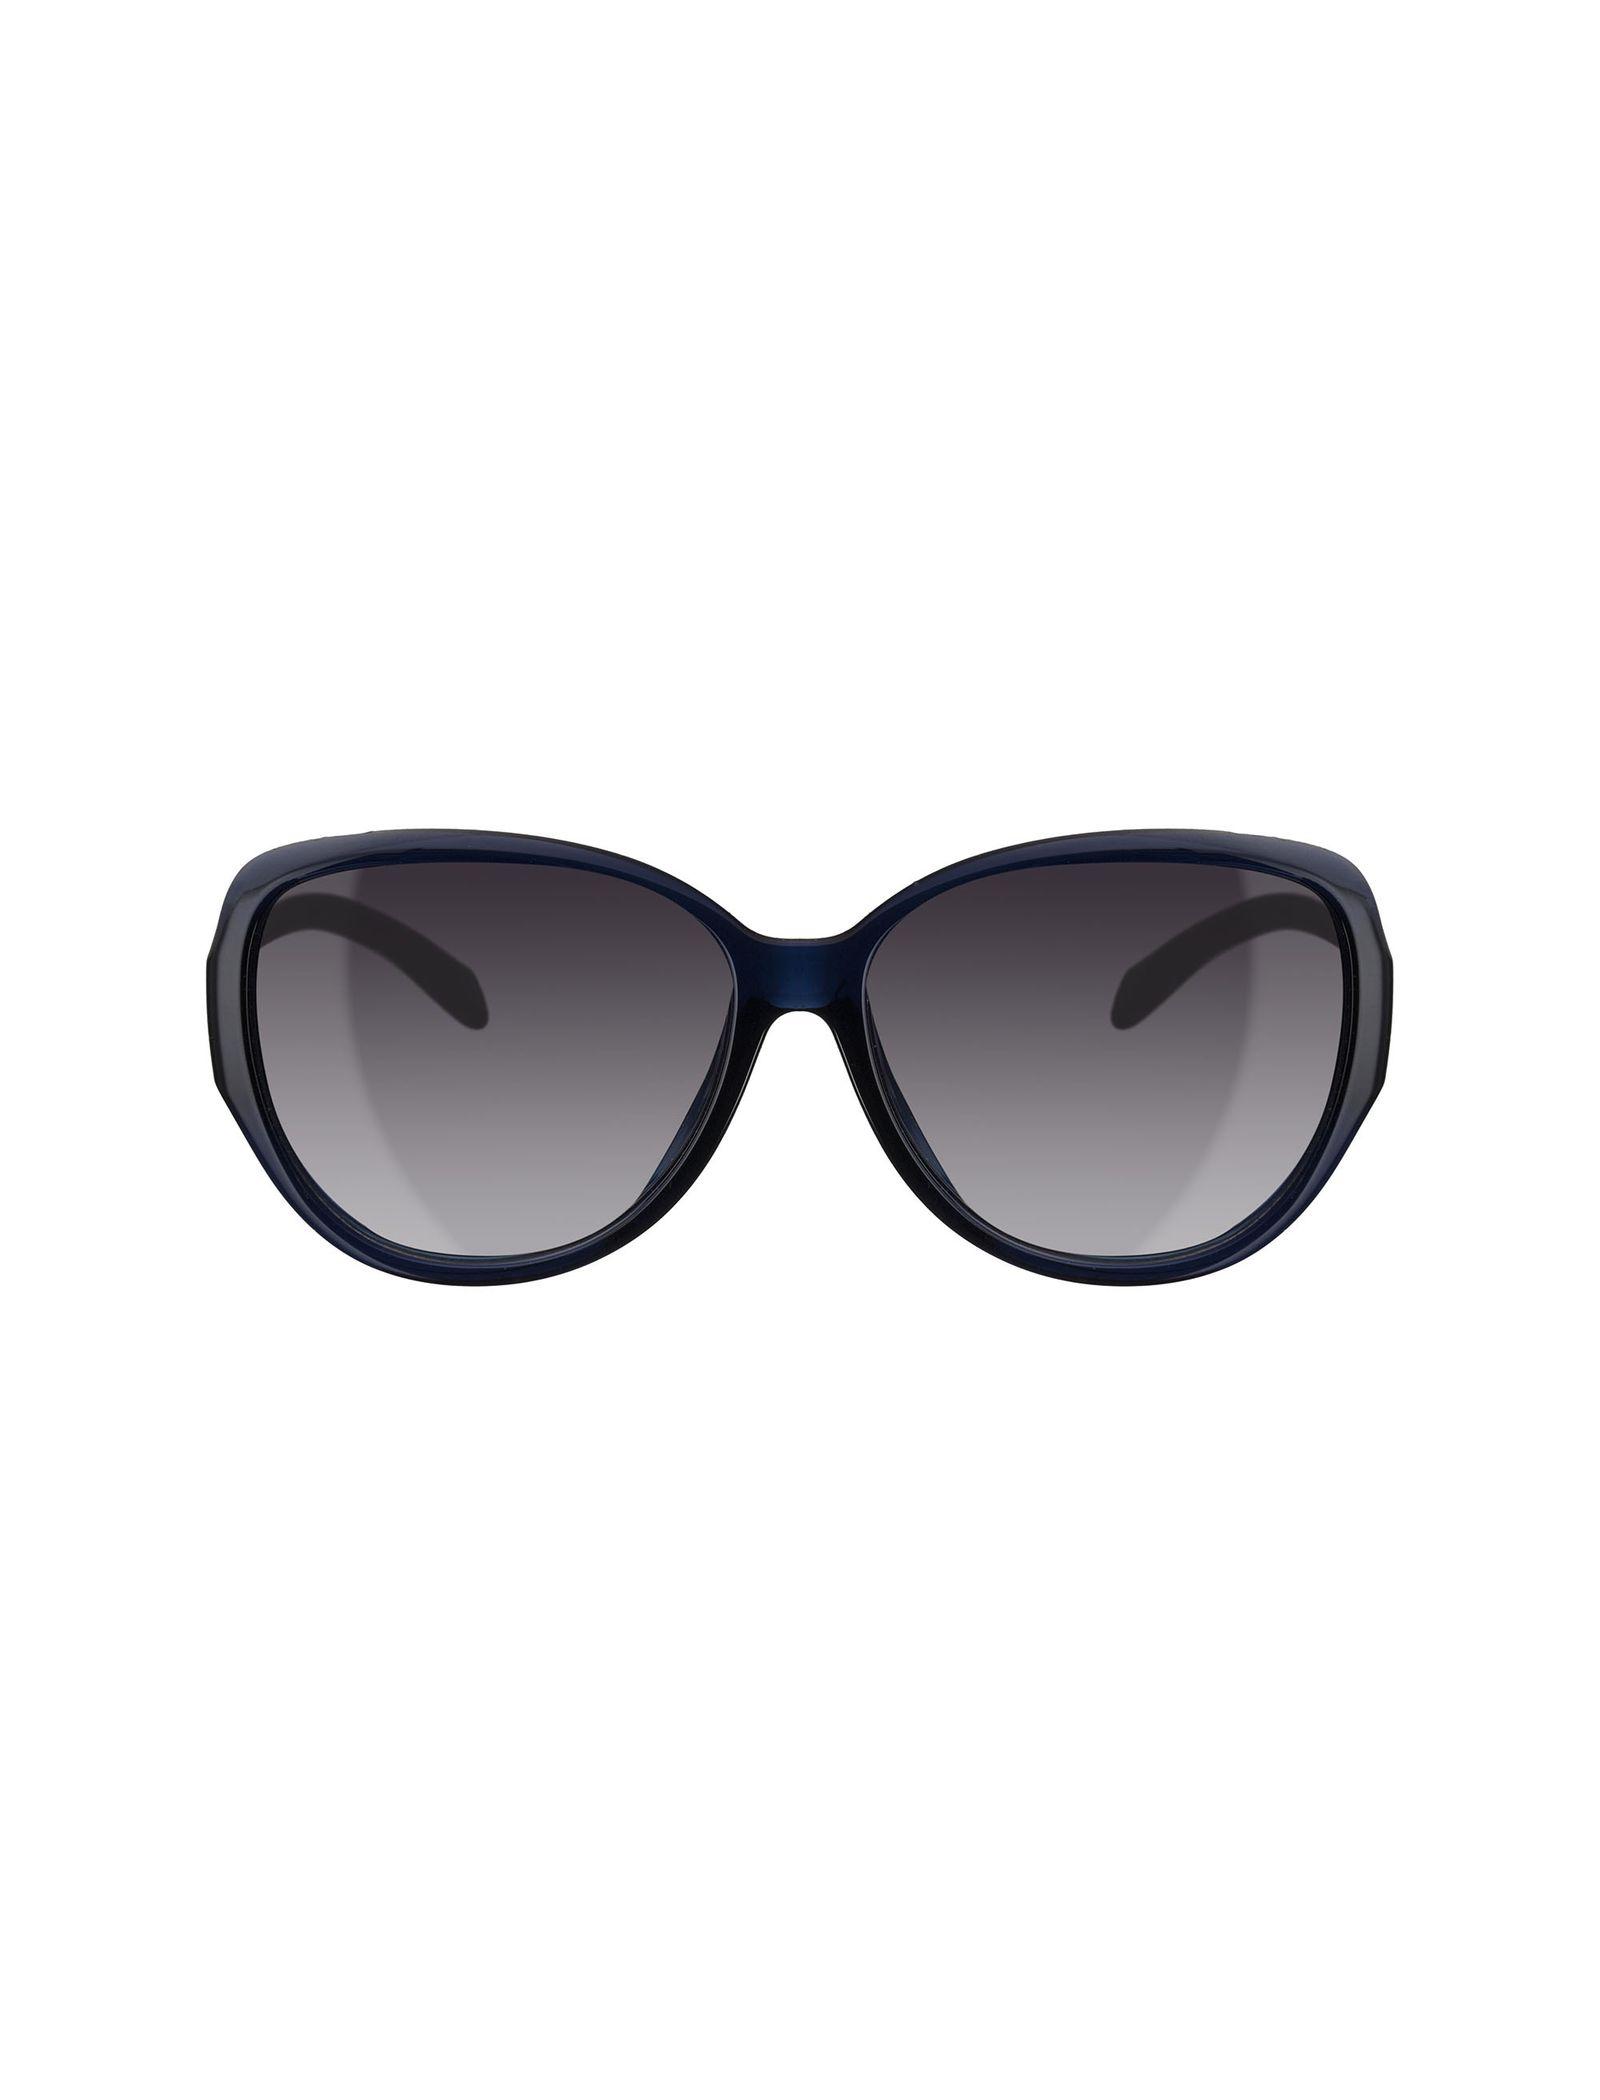 عینک آفتابی گربه ای زنانه - تد بیکر - آبي   - 1